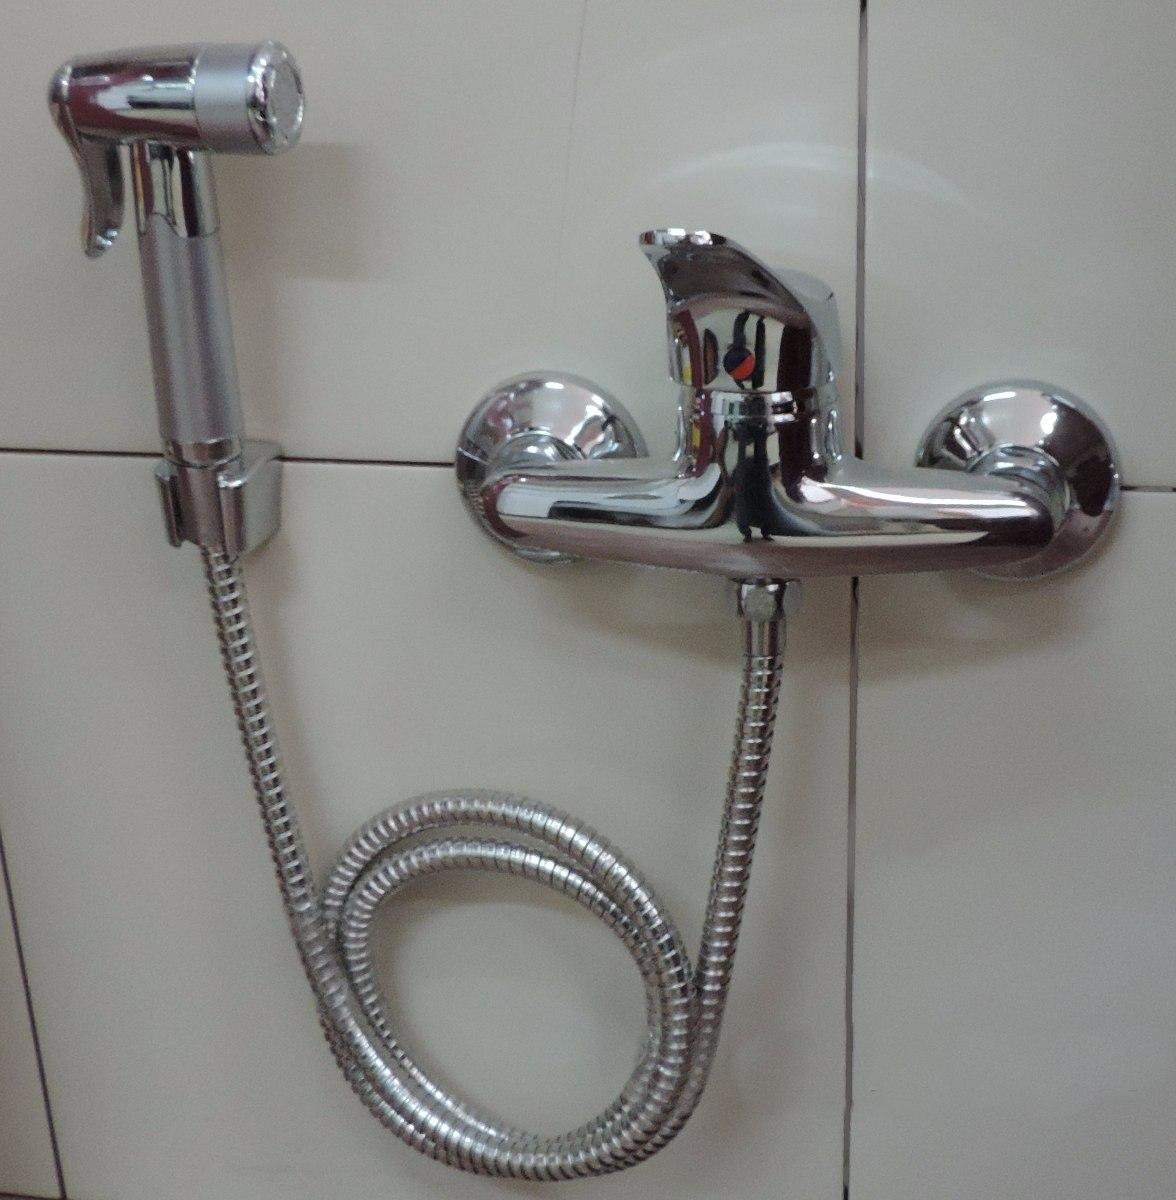 Bidet ducha higi nica grifer a ba o 849 00 en mercado for Duchas para banos precios